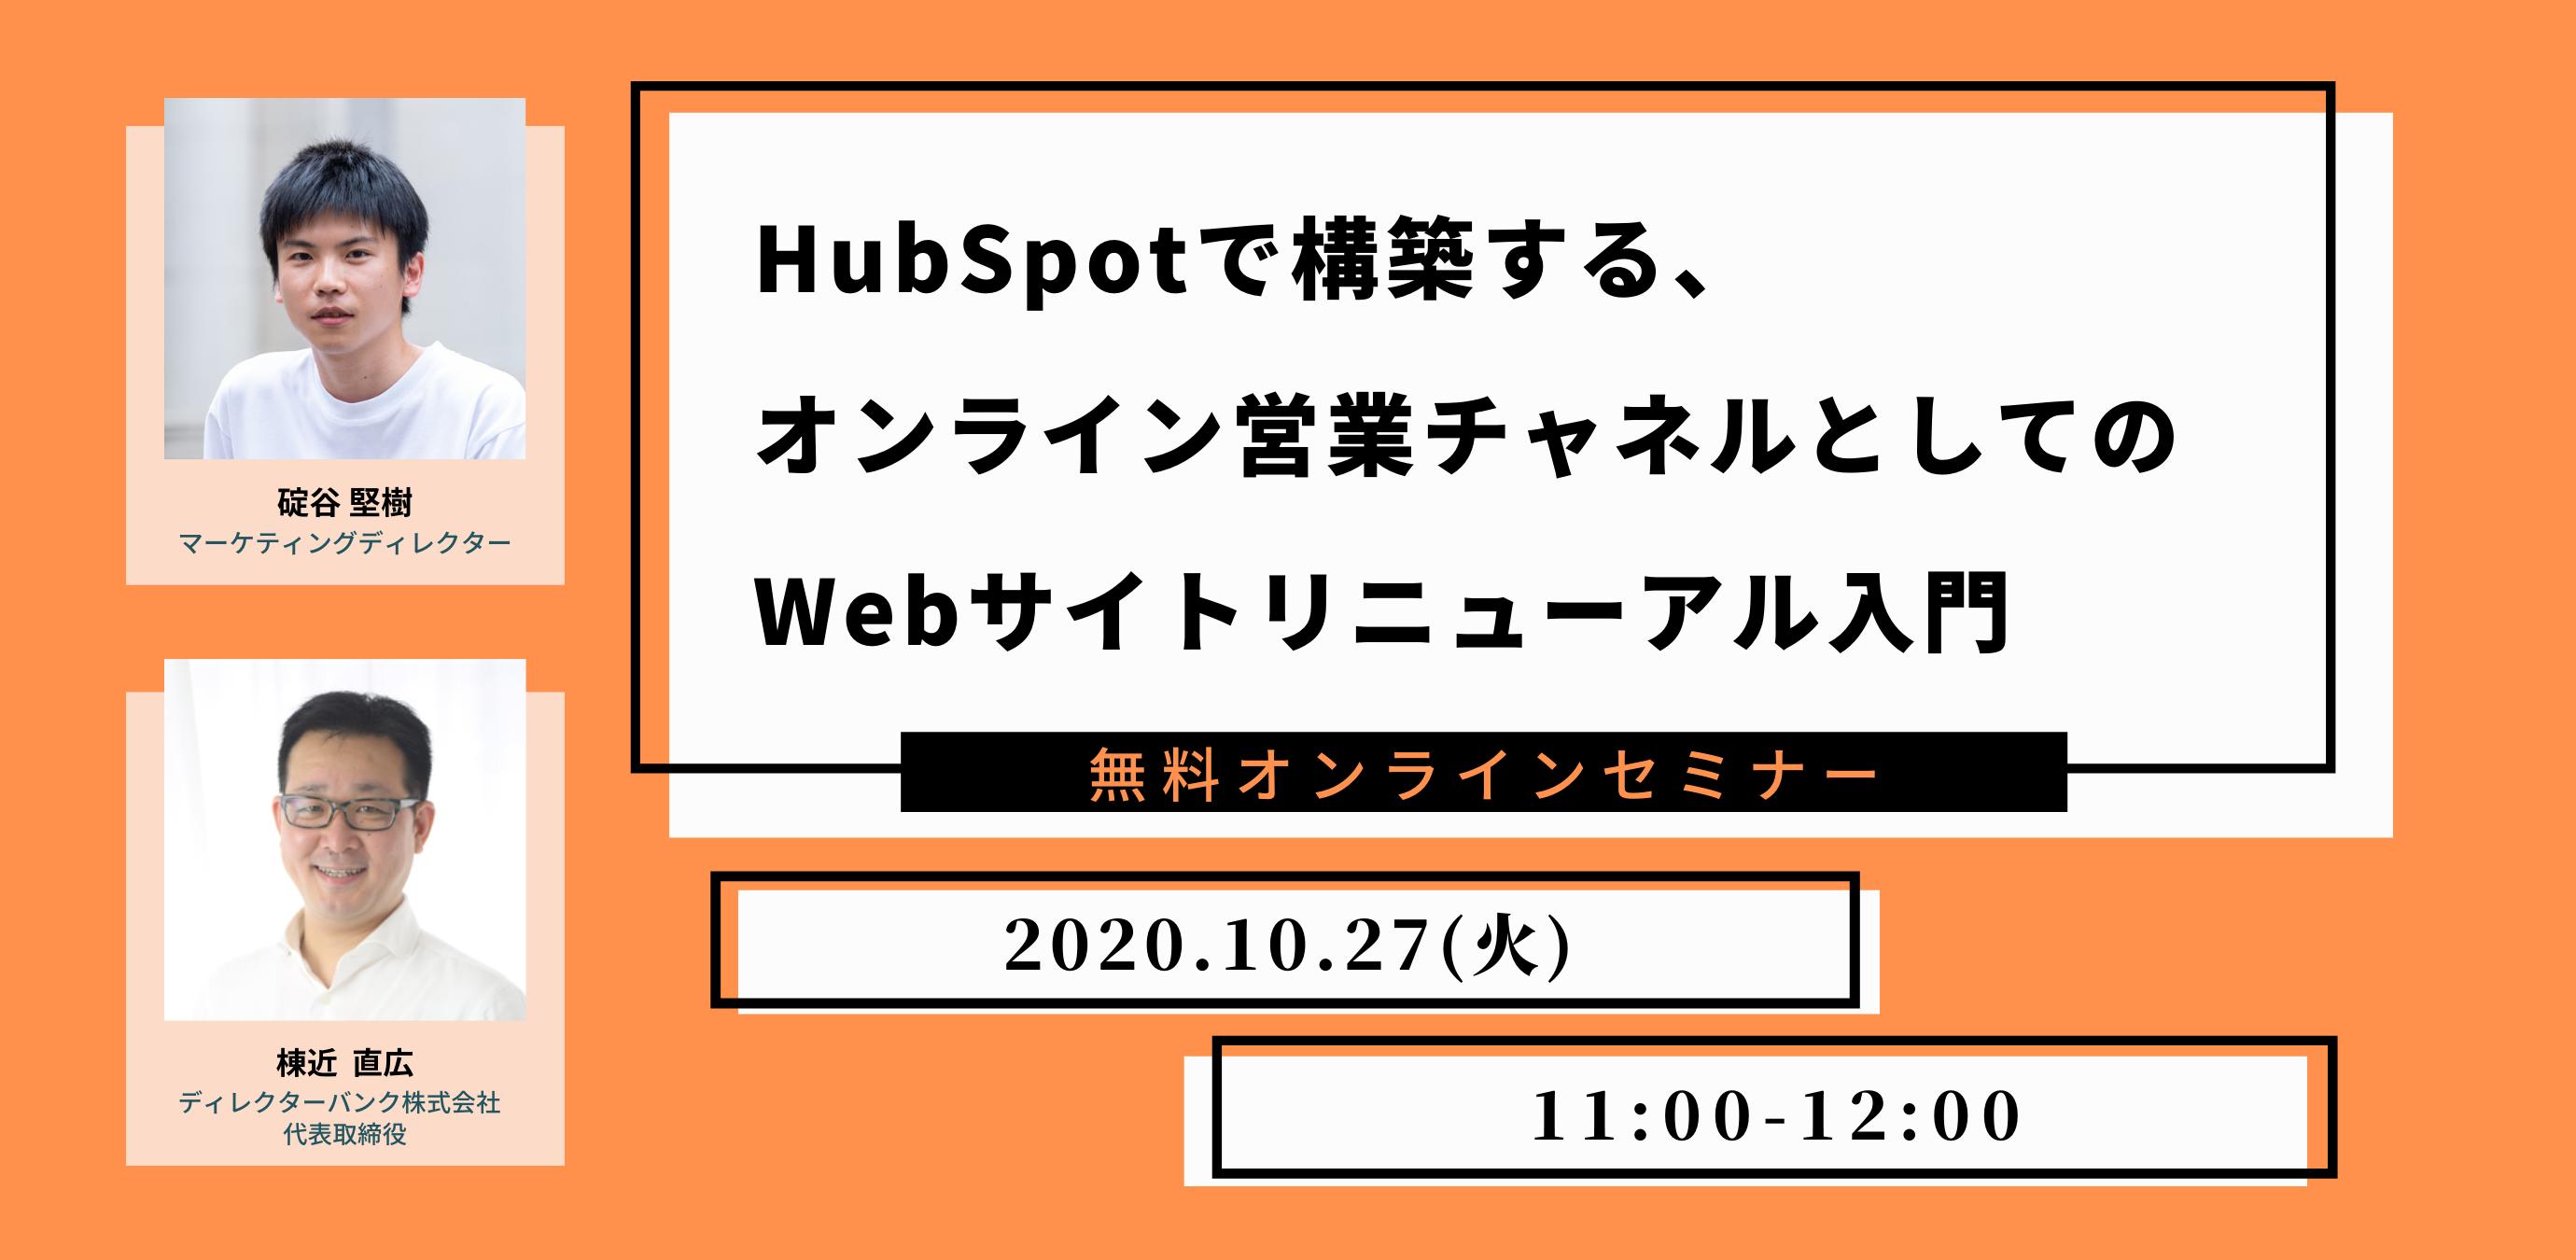 Hubspotサイズ修正版